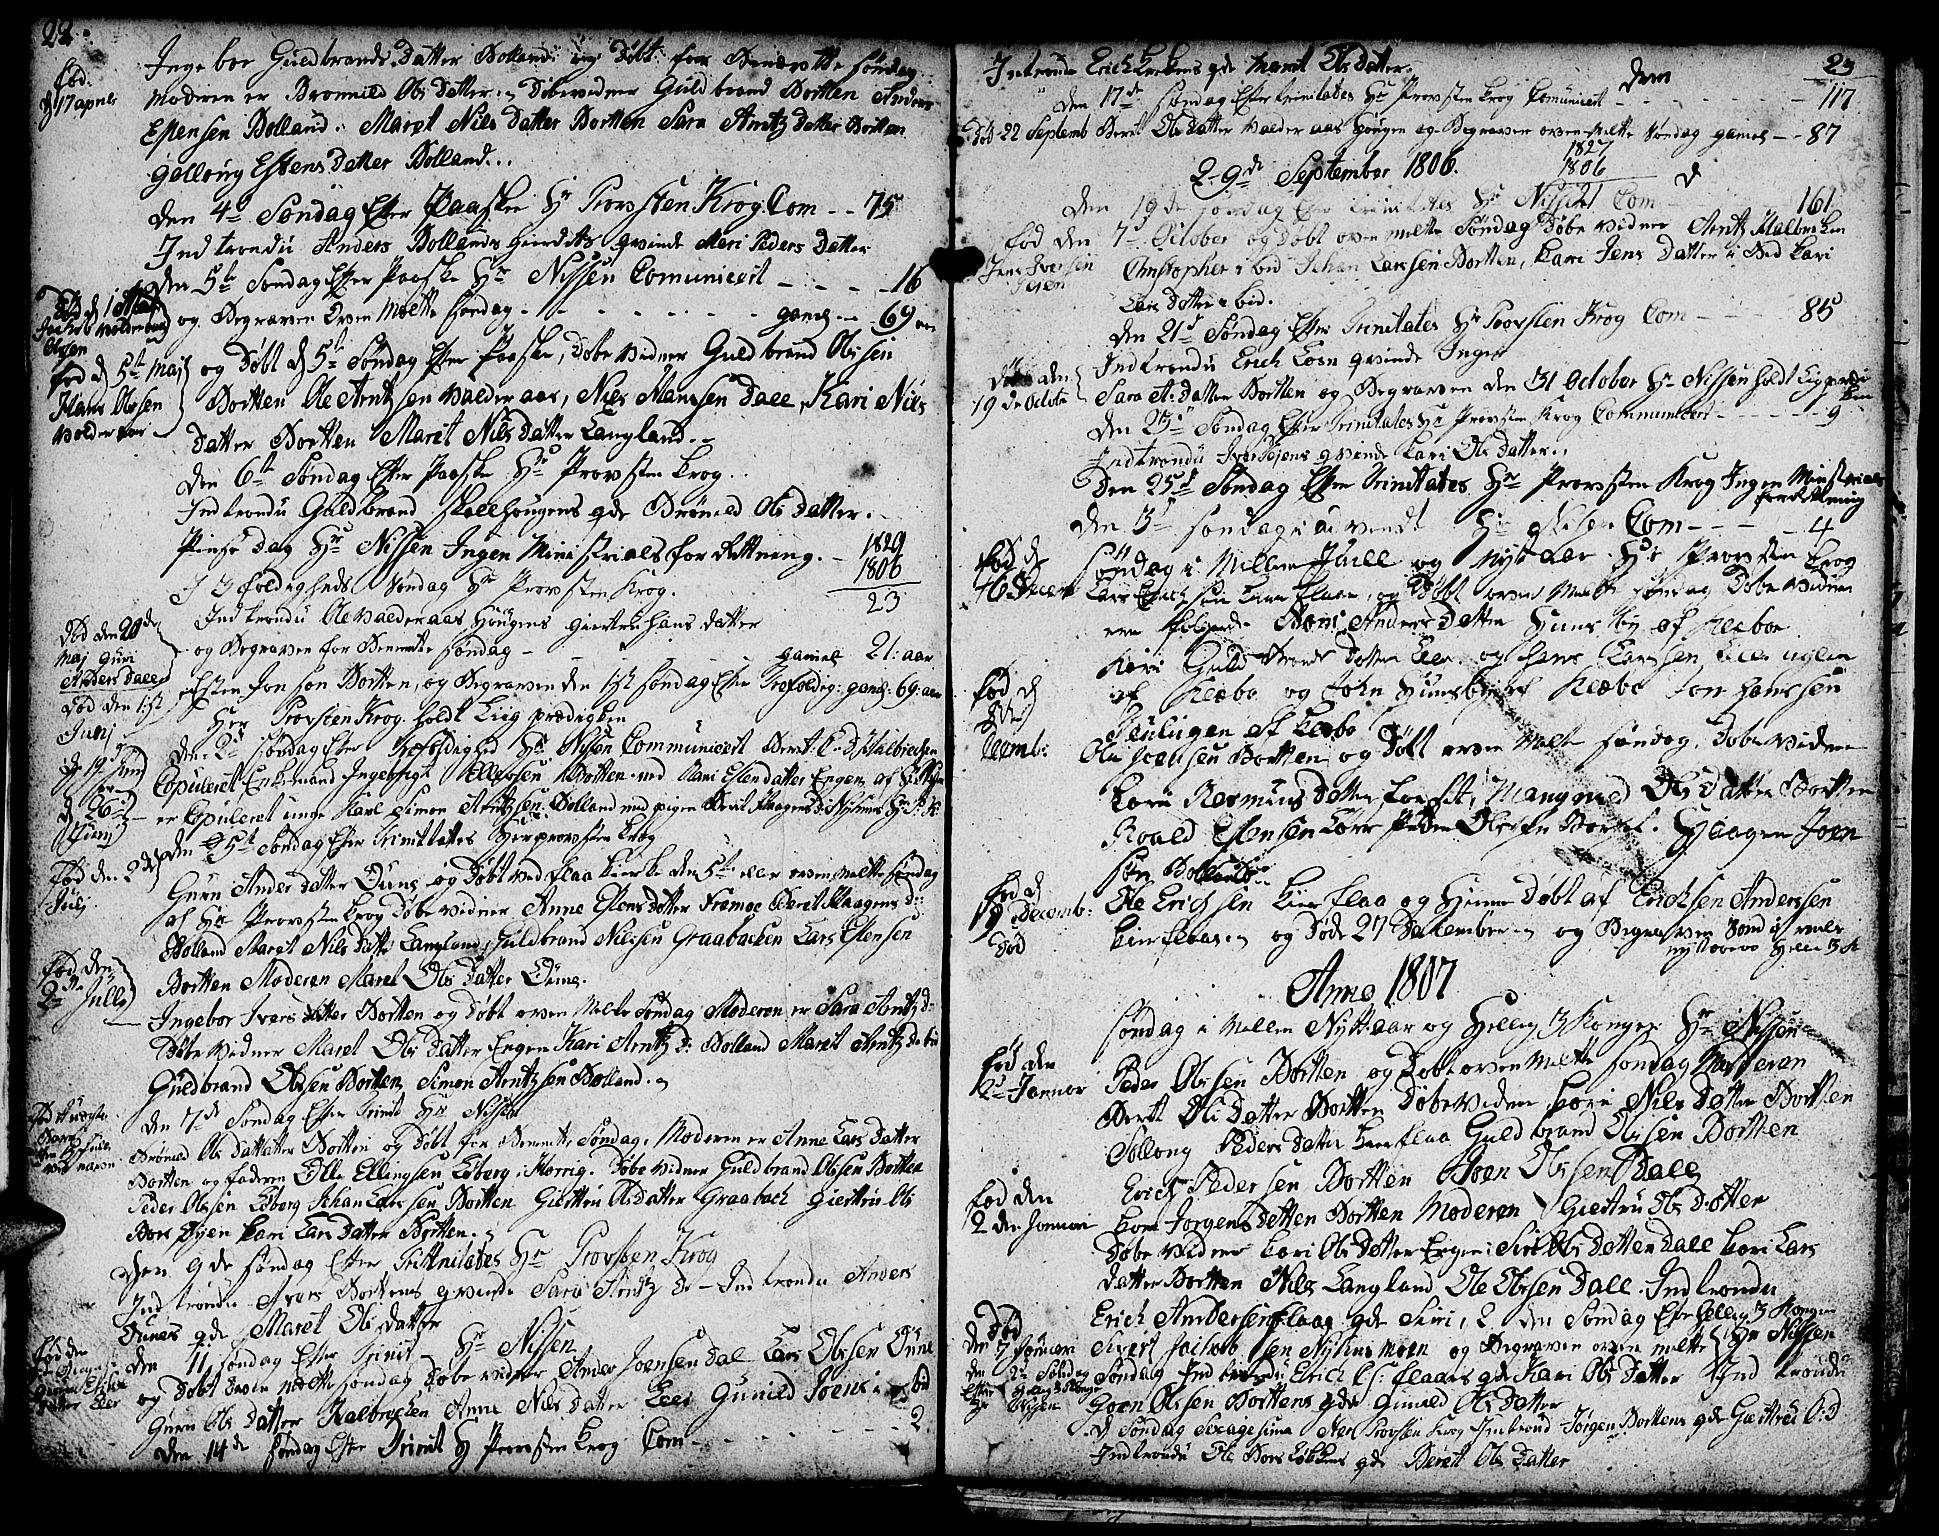 SAT, Ministerialprotokoller, klokkerbøker og fødselsregistre - Sør-Trøndelag, 693/L1120: Klokkerbok nr. 693C01, 1799-1816, s. 22-23